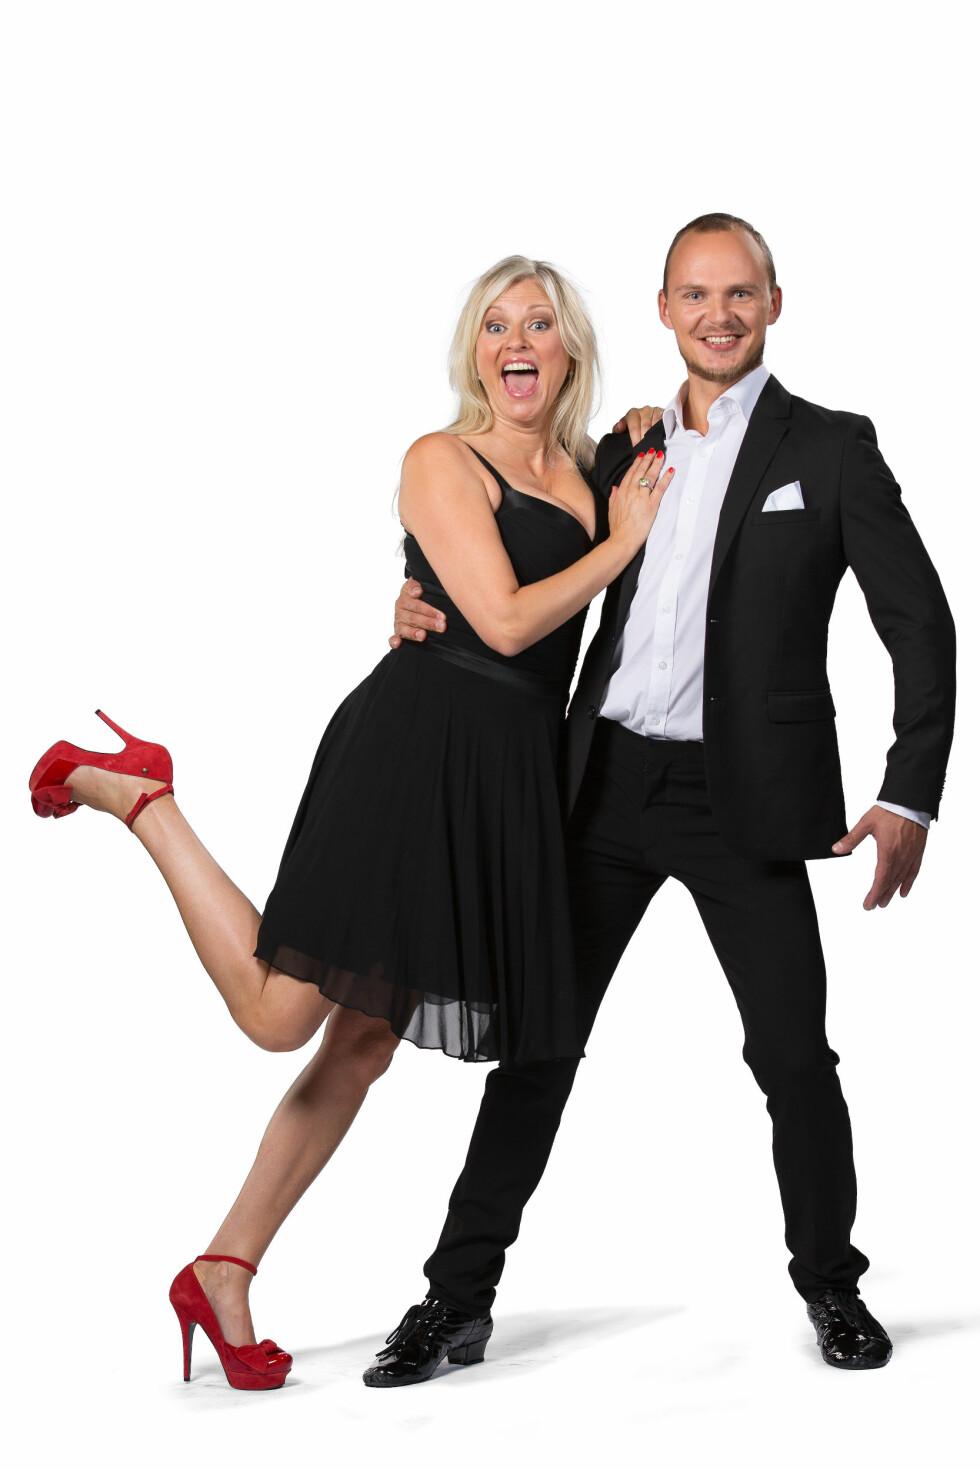 PARTNERE: Eli Kari Gjengedal skal danse med Ivo Havranek. Foto: Espen Solli / TV2